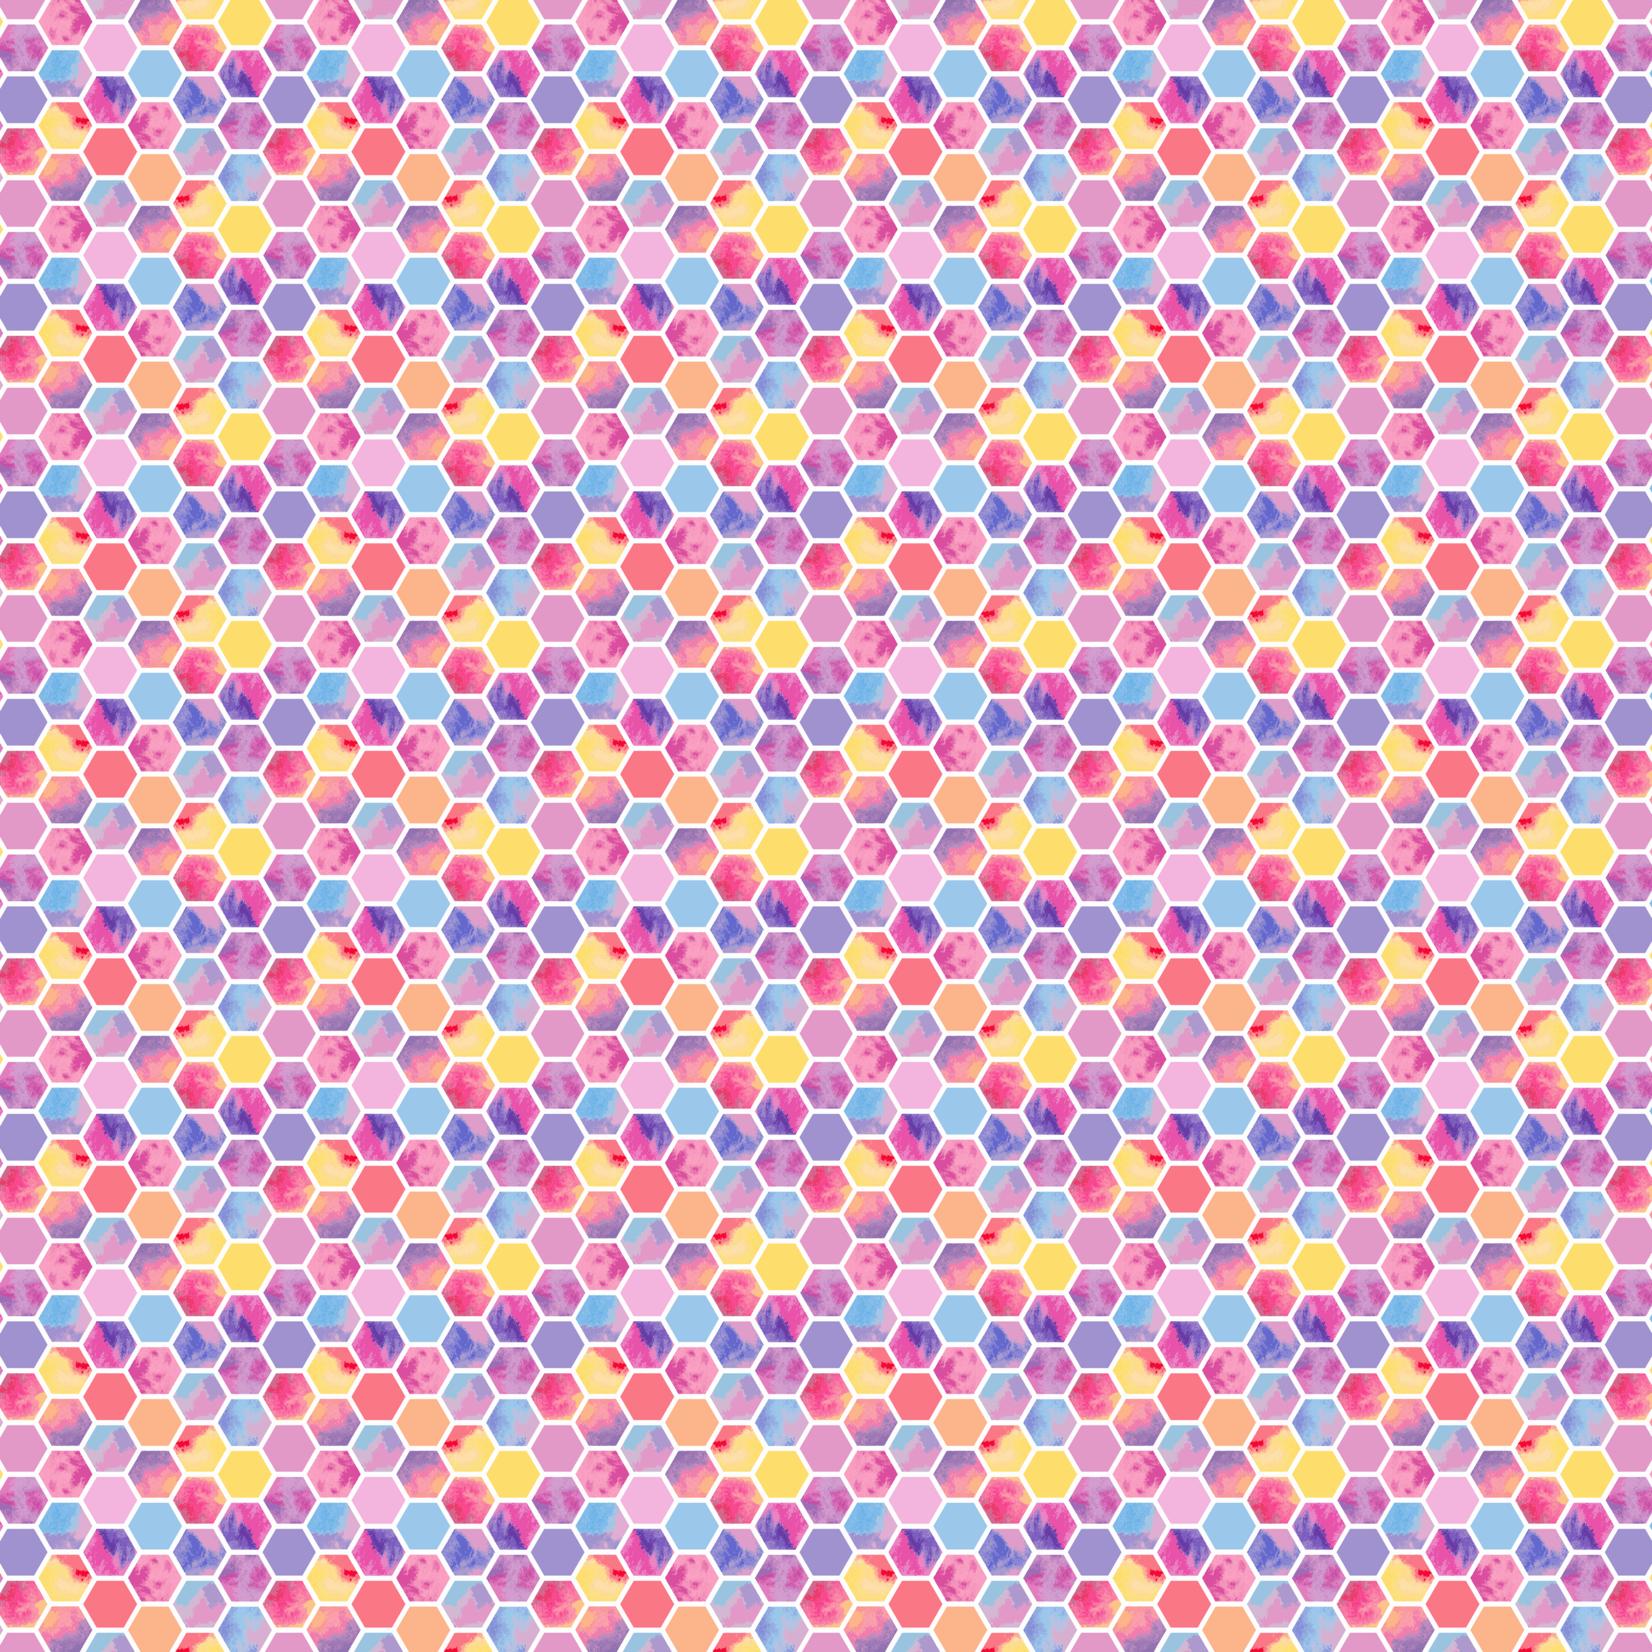 TVD Pastel Hexagon